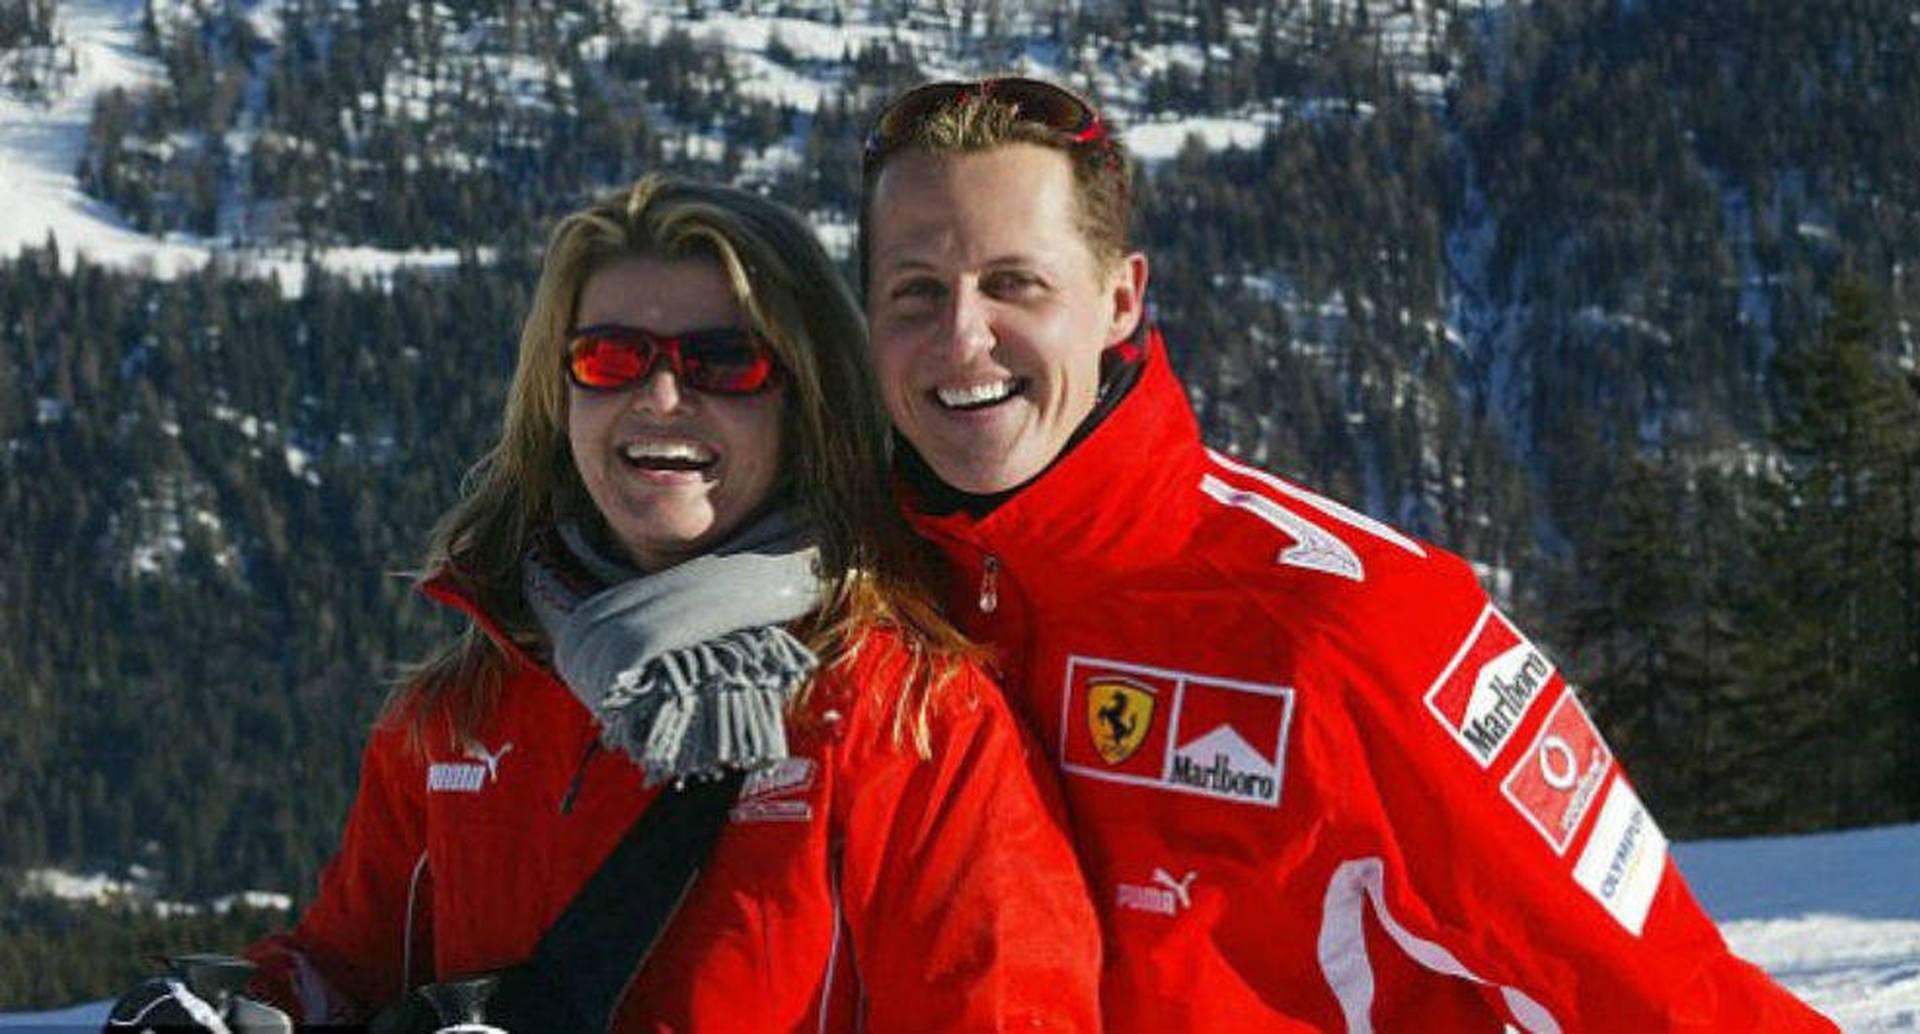 MIchael Schumacher sufrió un accidente praticando esqui hace 5 años.